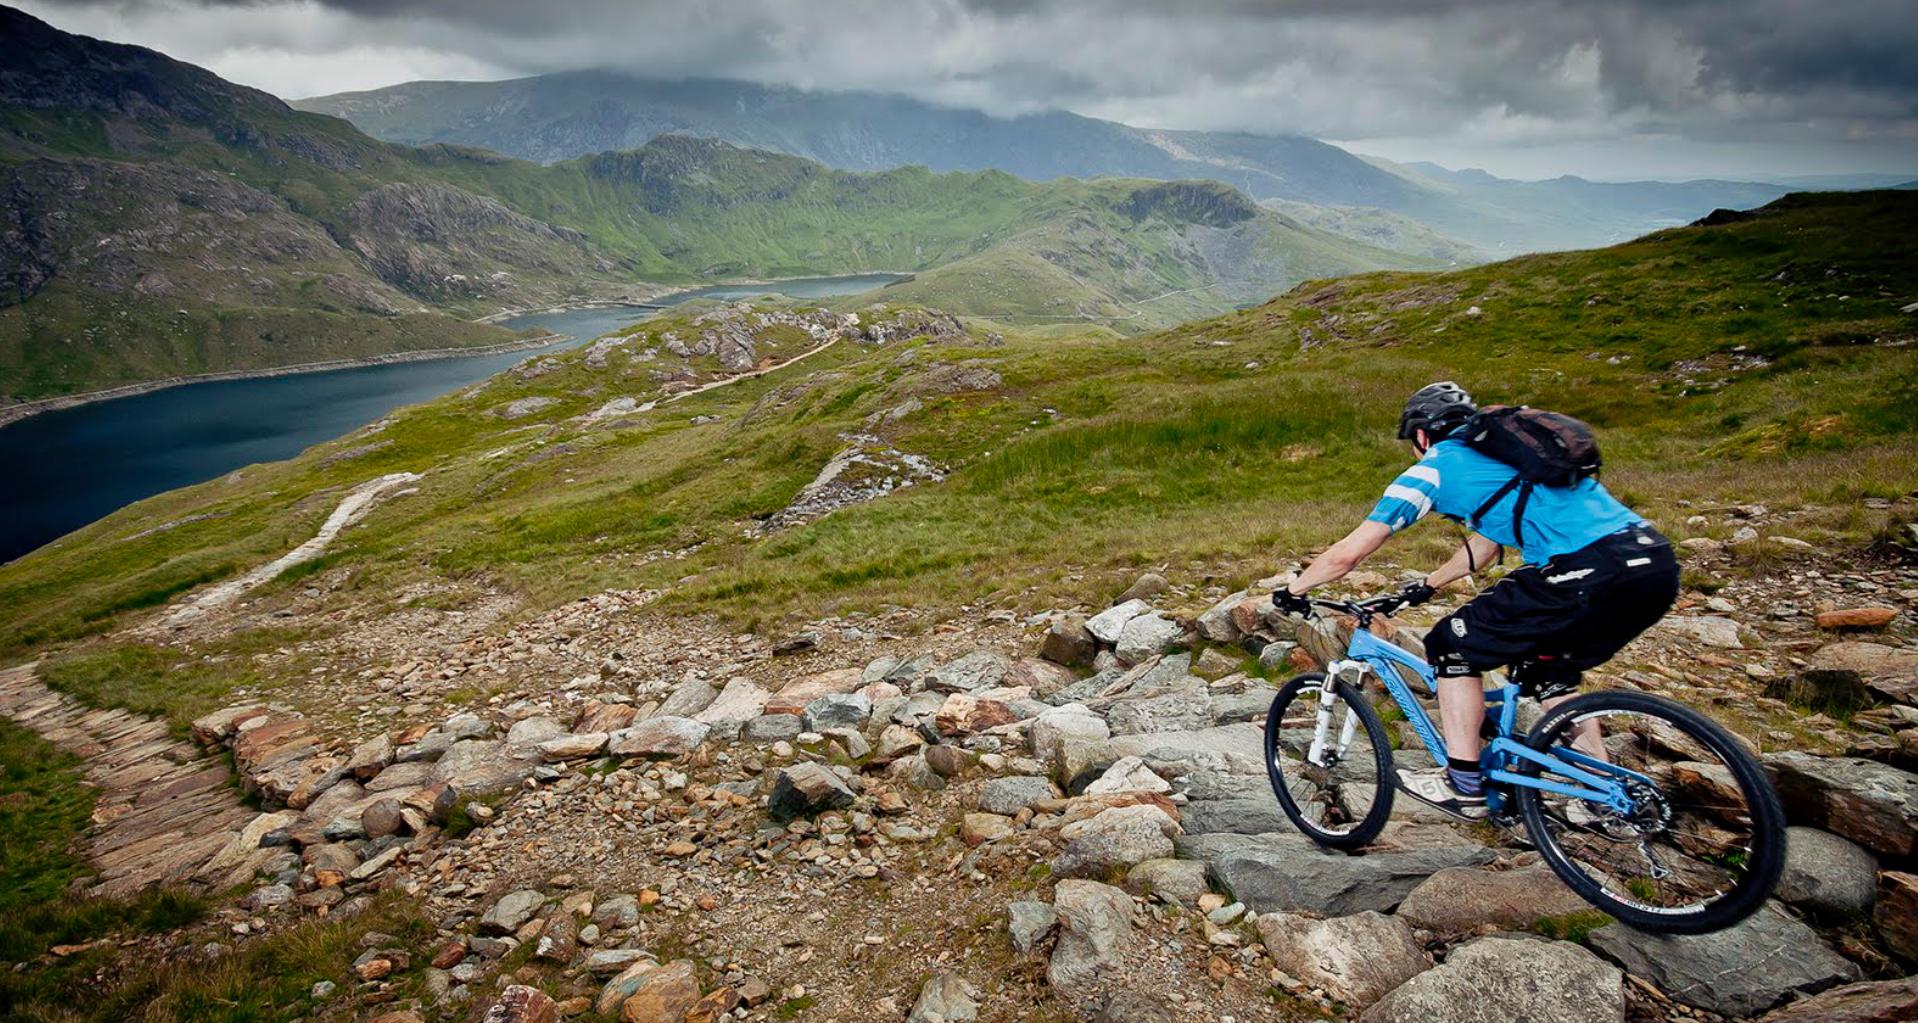 Mountain biker descends technical trail in Snowdonia